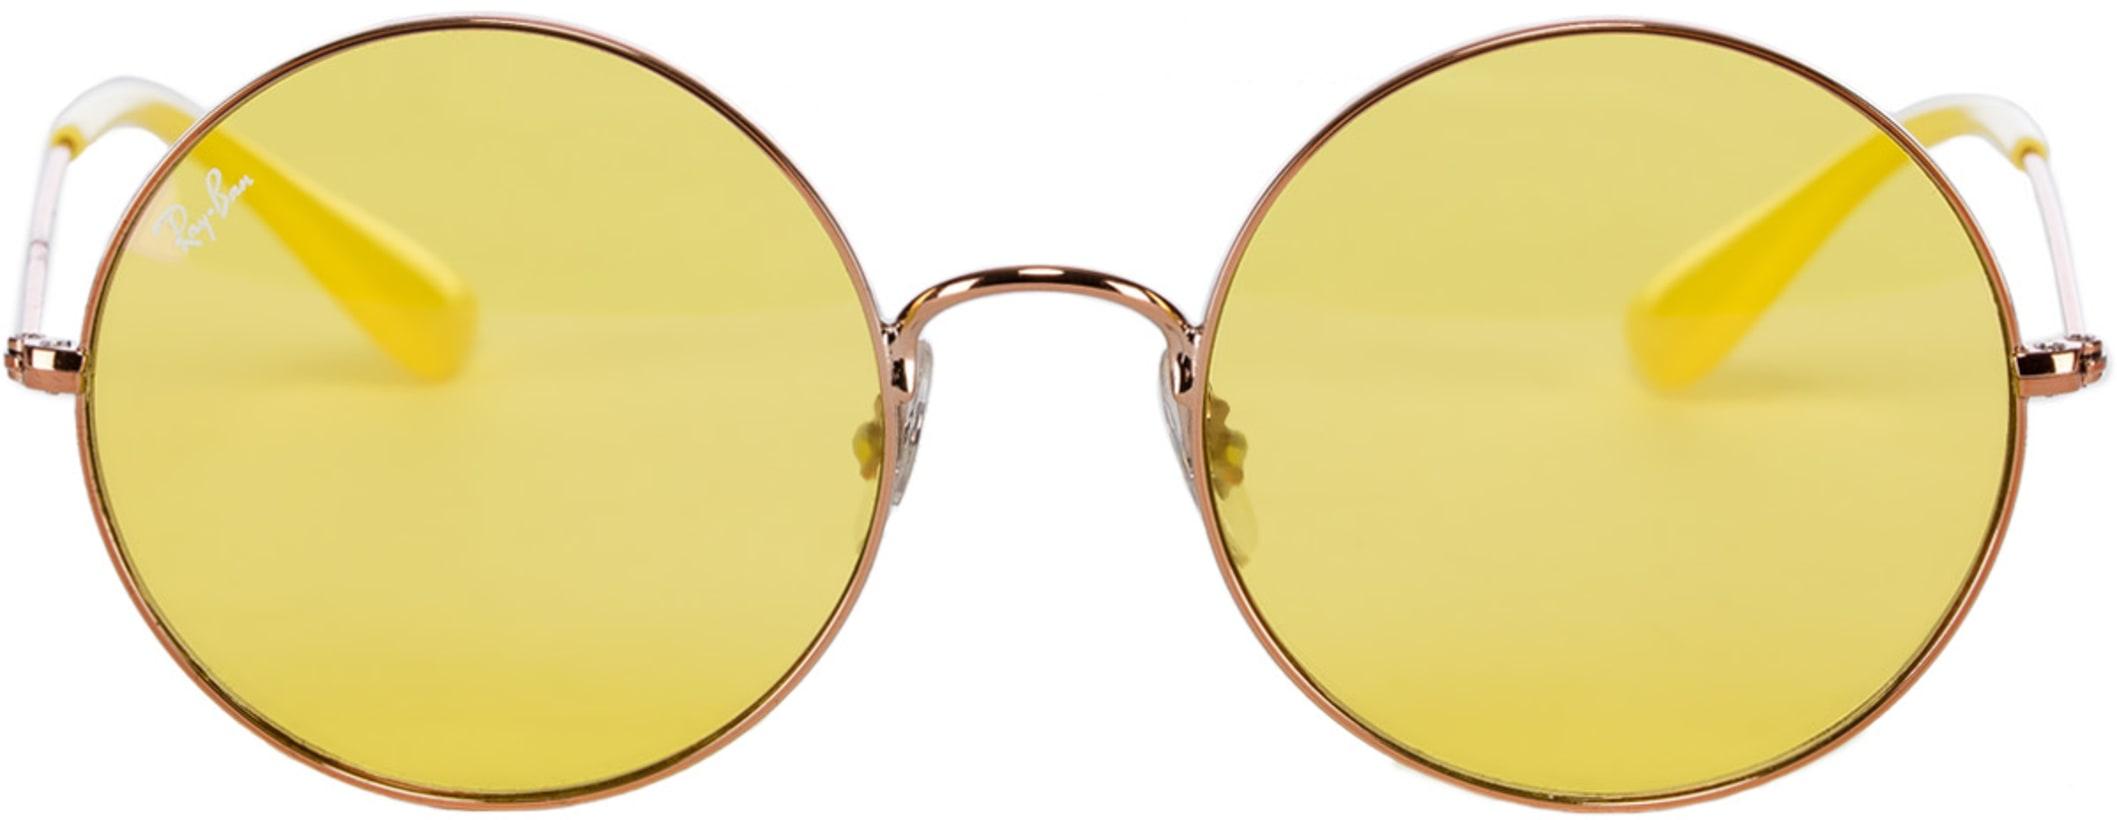 f73f3398c33 Ray-Ban  Ja-Jo Sunglasses - Bronze Copper Yellow Classic ...